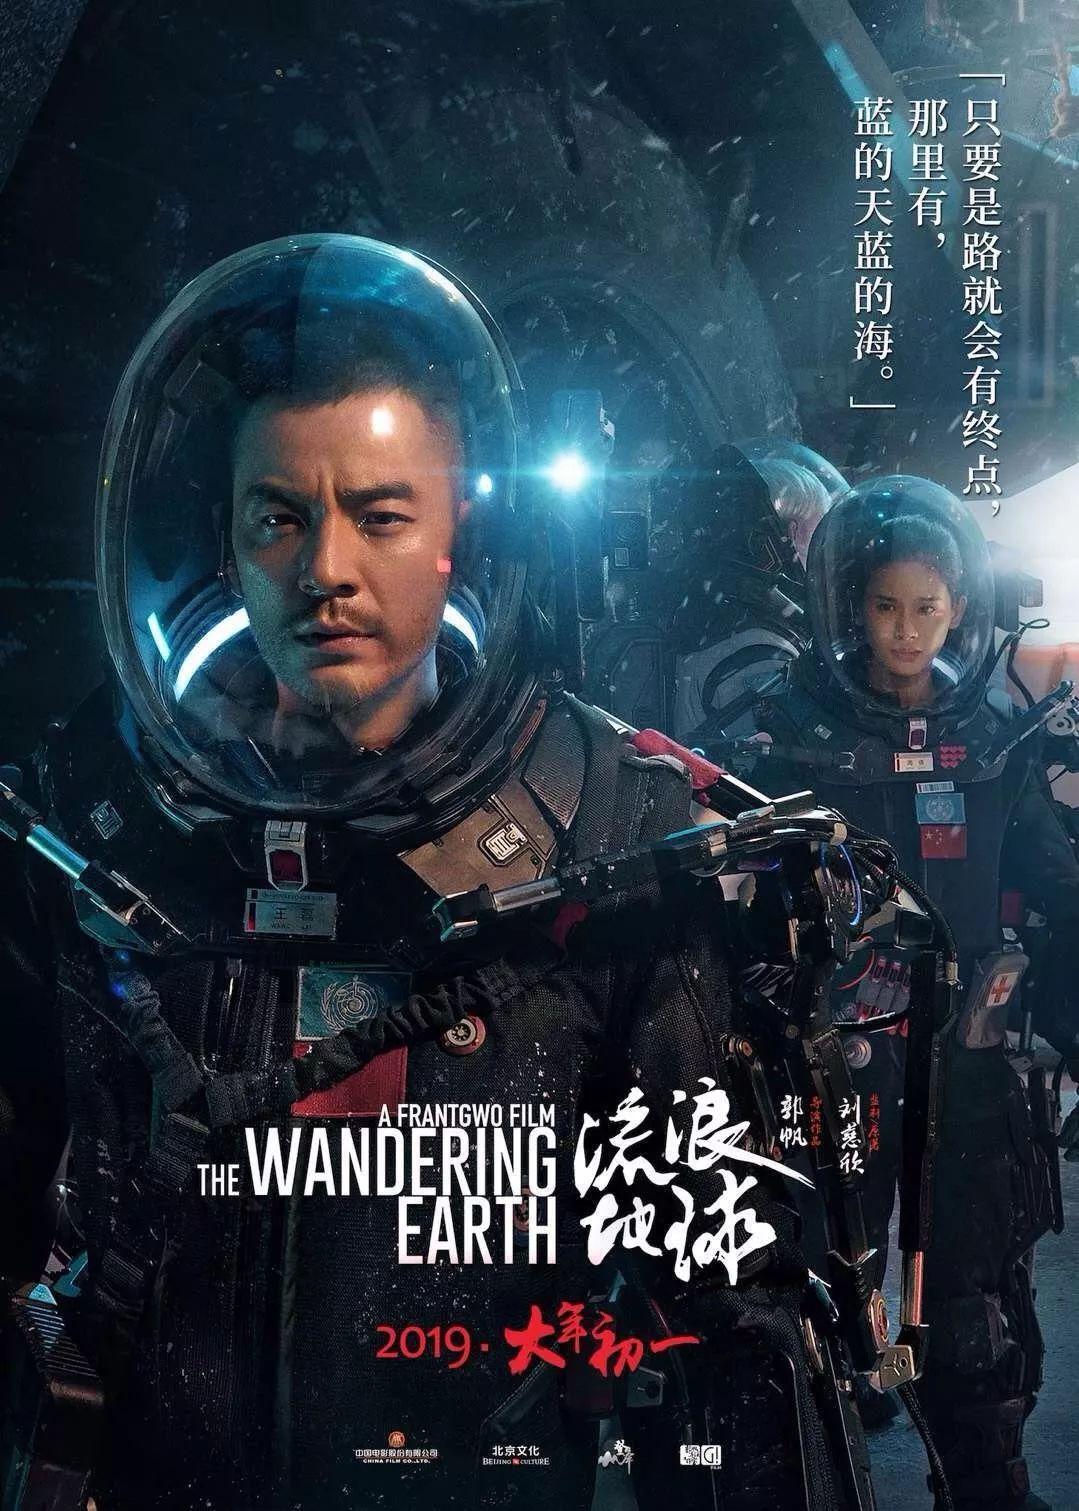 燃爆!《流浪地球》3000多张手稿,开启了中国科幻新纪元!